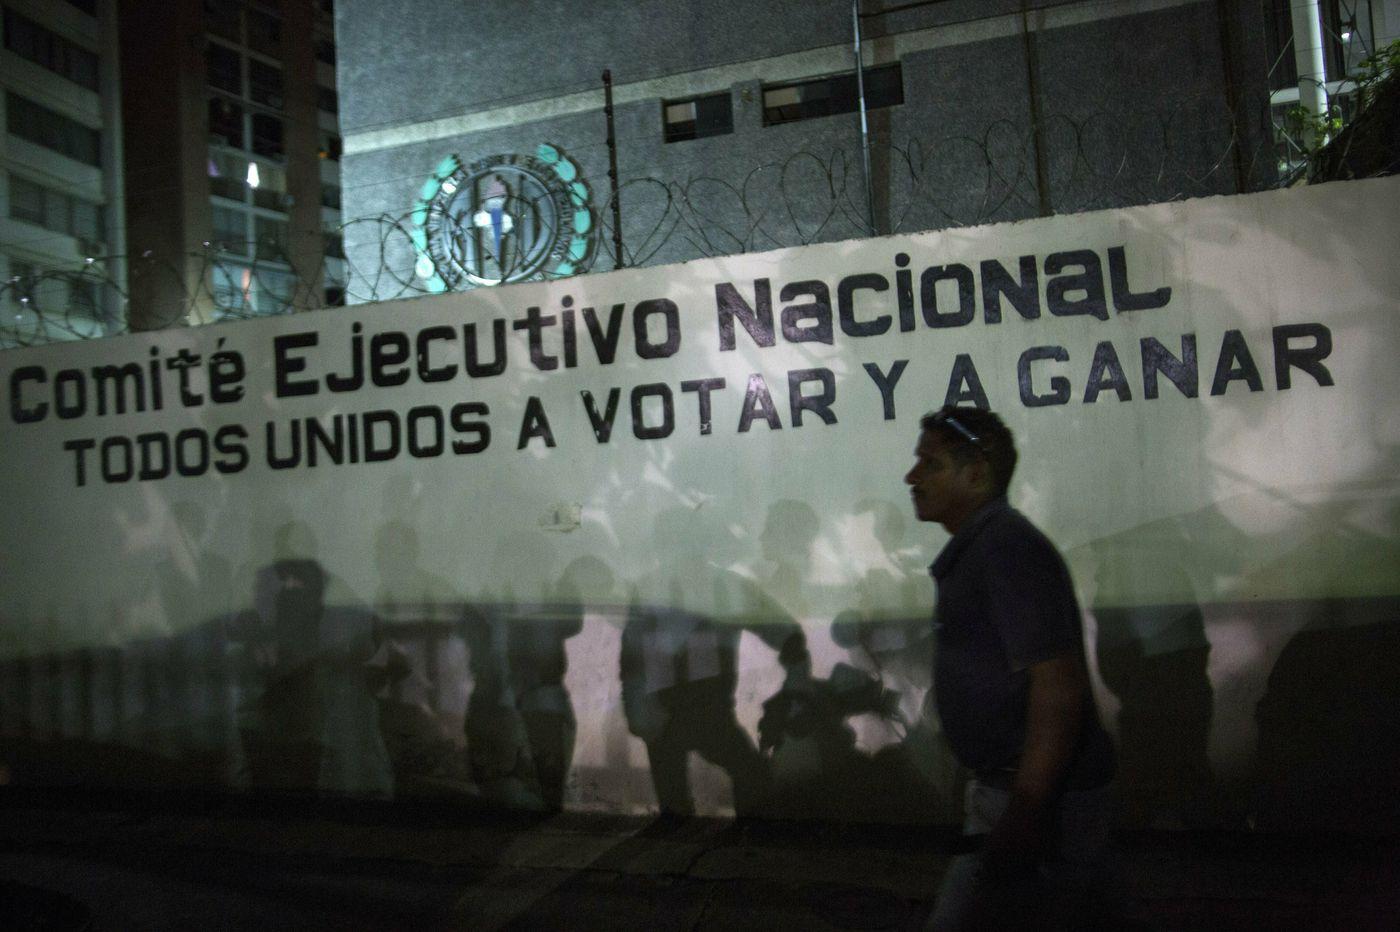 Venezuelan police arrest National Assembly's vice president